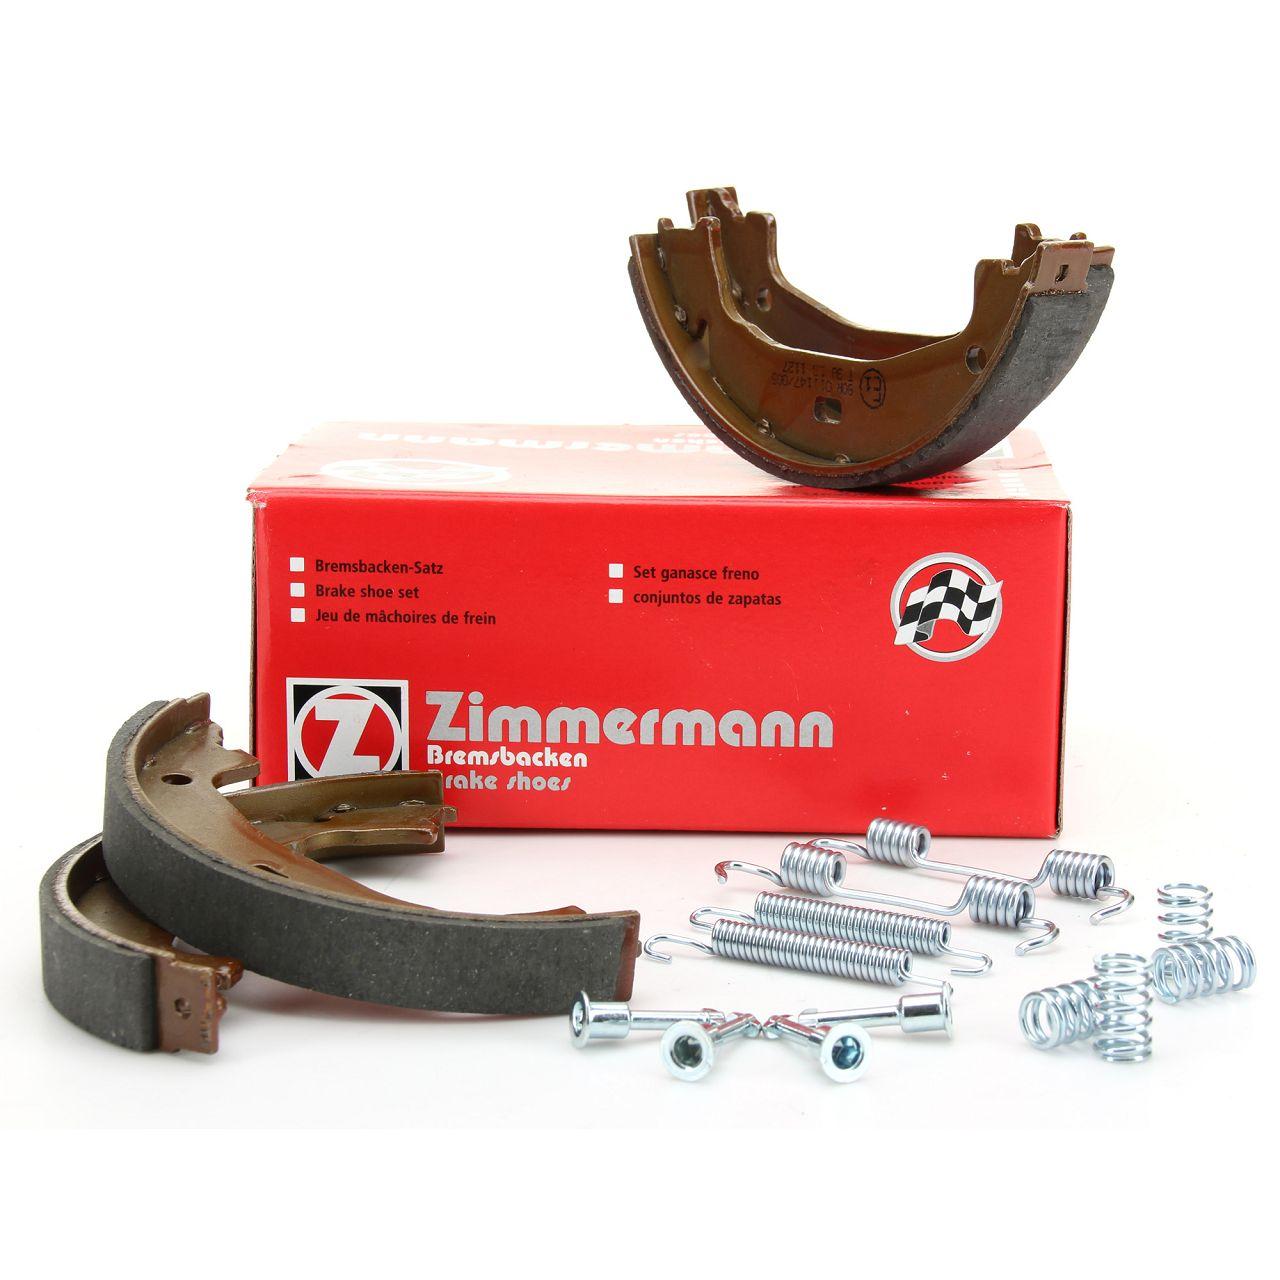 ZIMMERMANN Bremsbacken + Zubehör Satz BMW E81-88 F20/21 F22/23 E46 E90-92 F30-34 F32-36